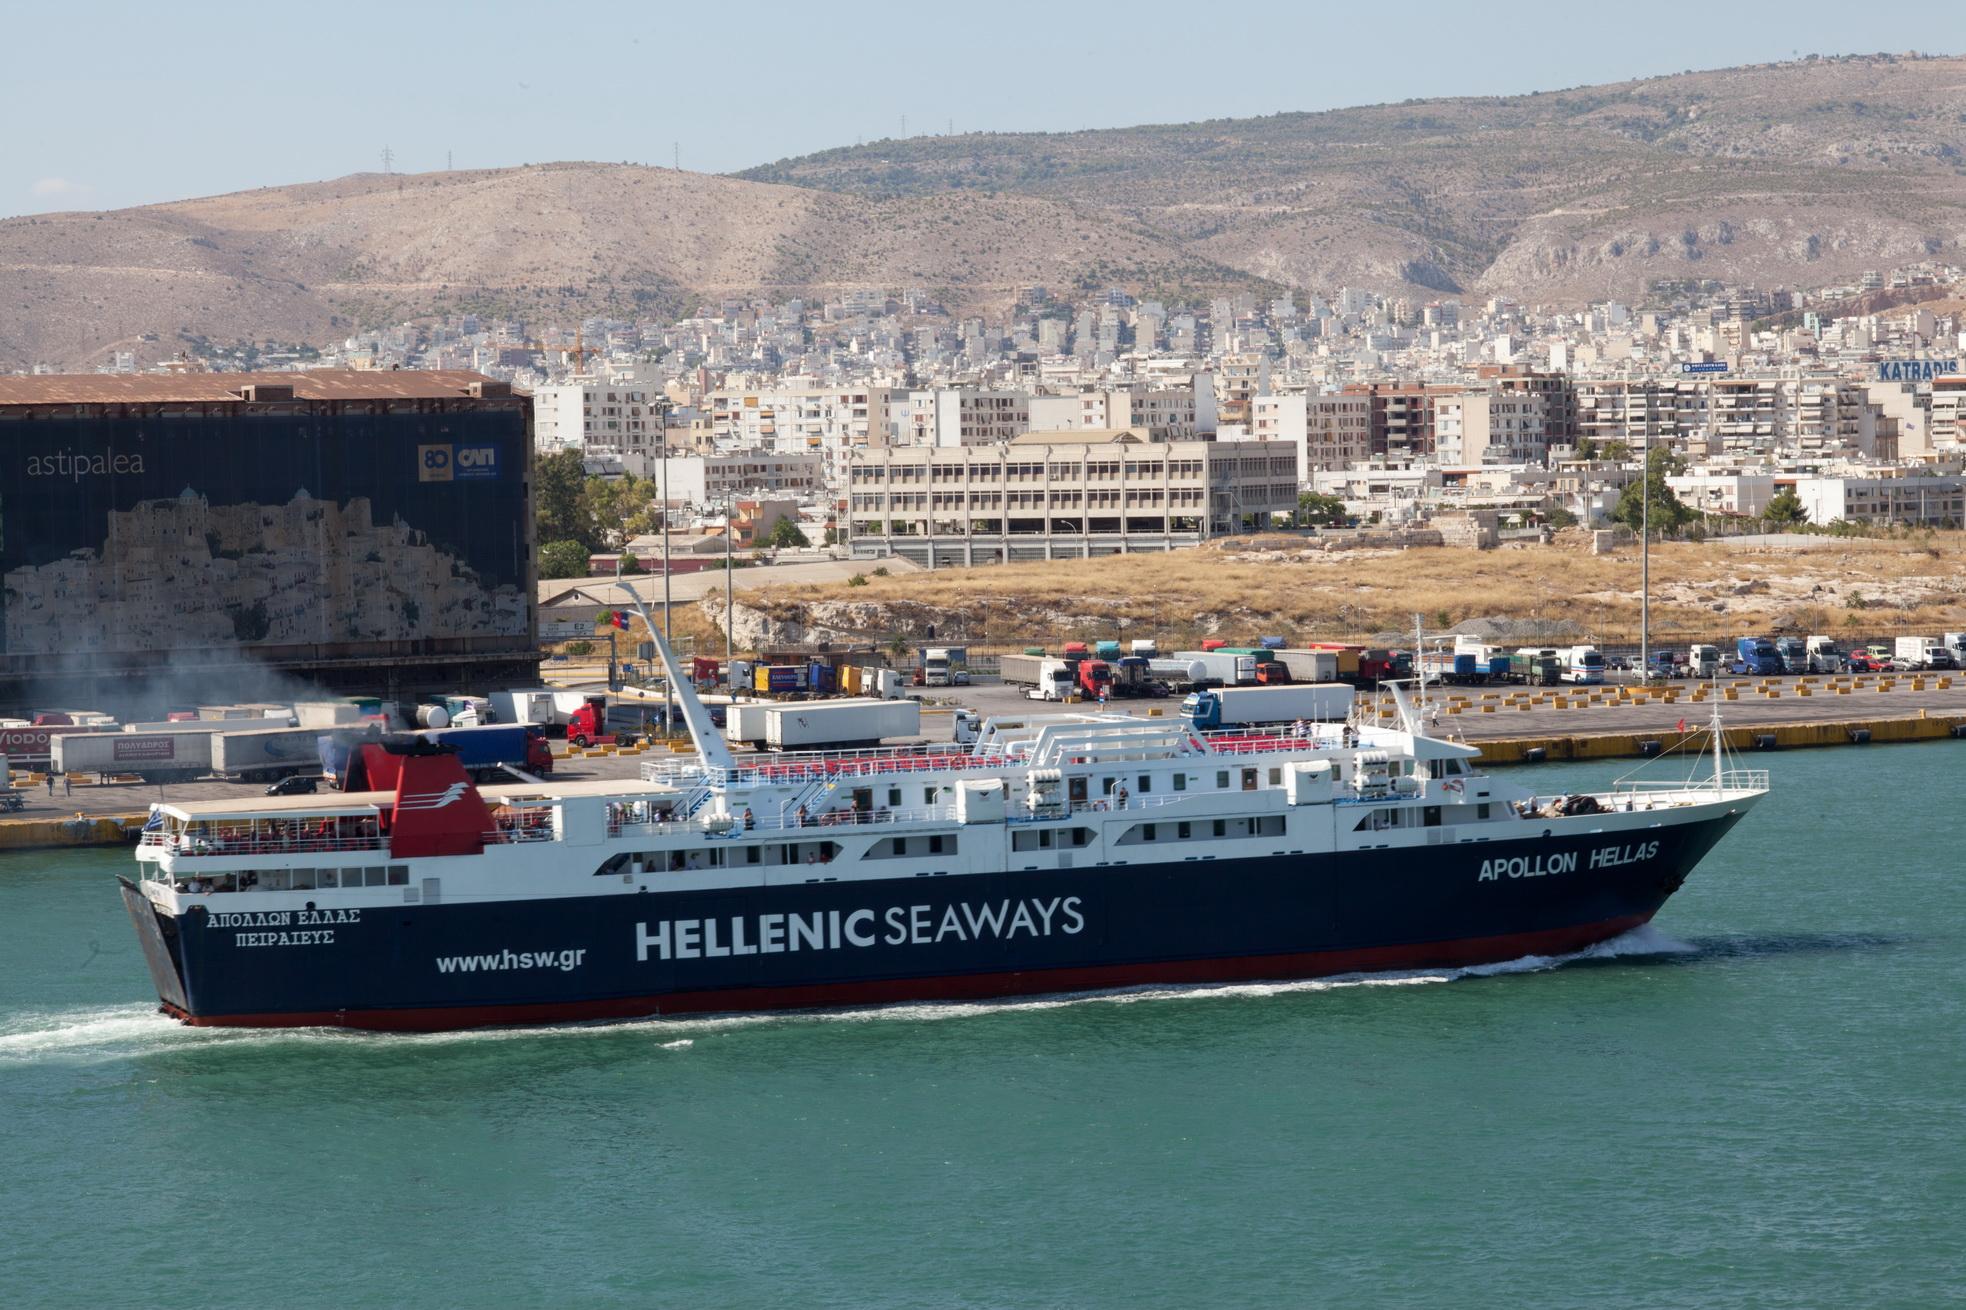 MS Apollon IMO 8807105 Heellas Hellenic Seaways Piraeus Port of Athens Greece 01